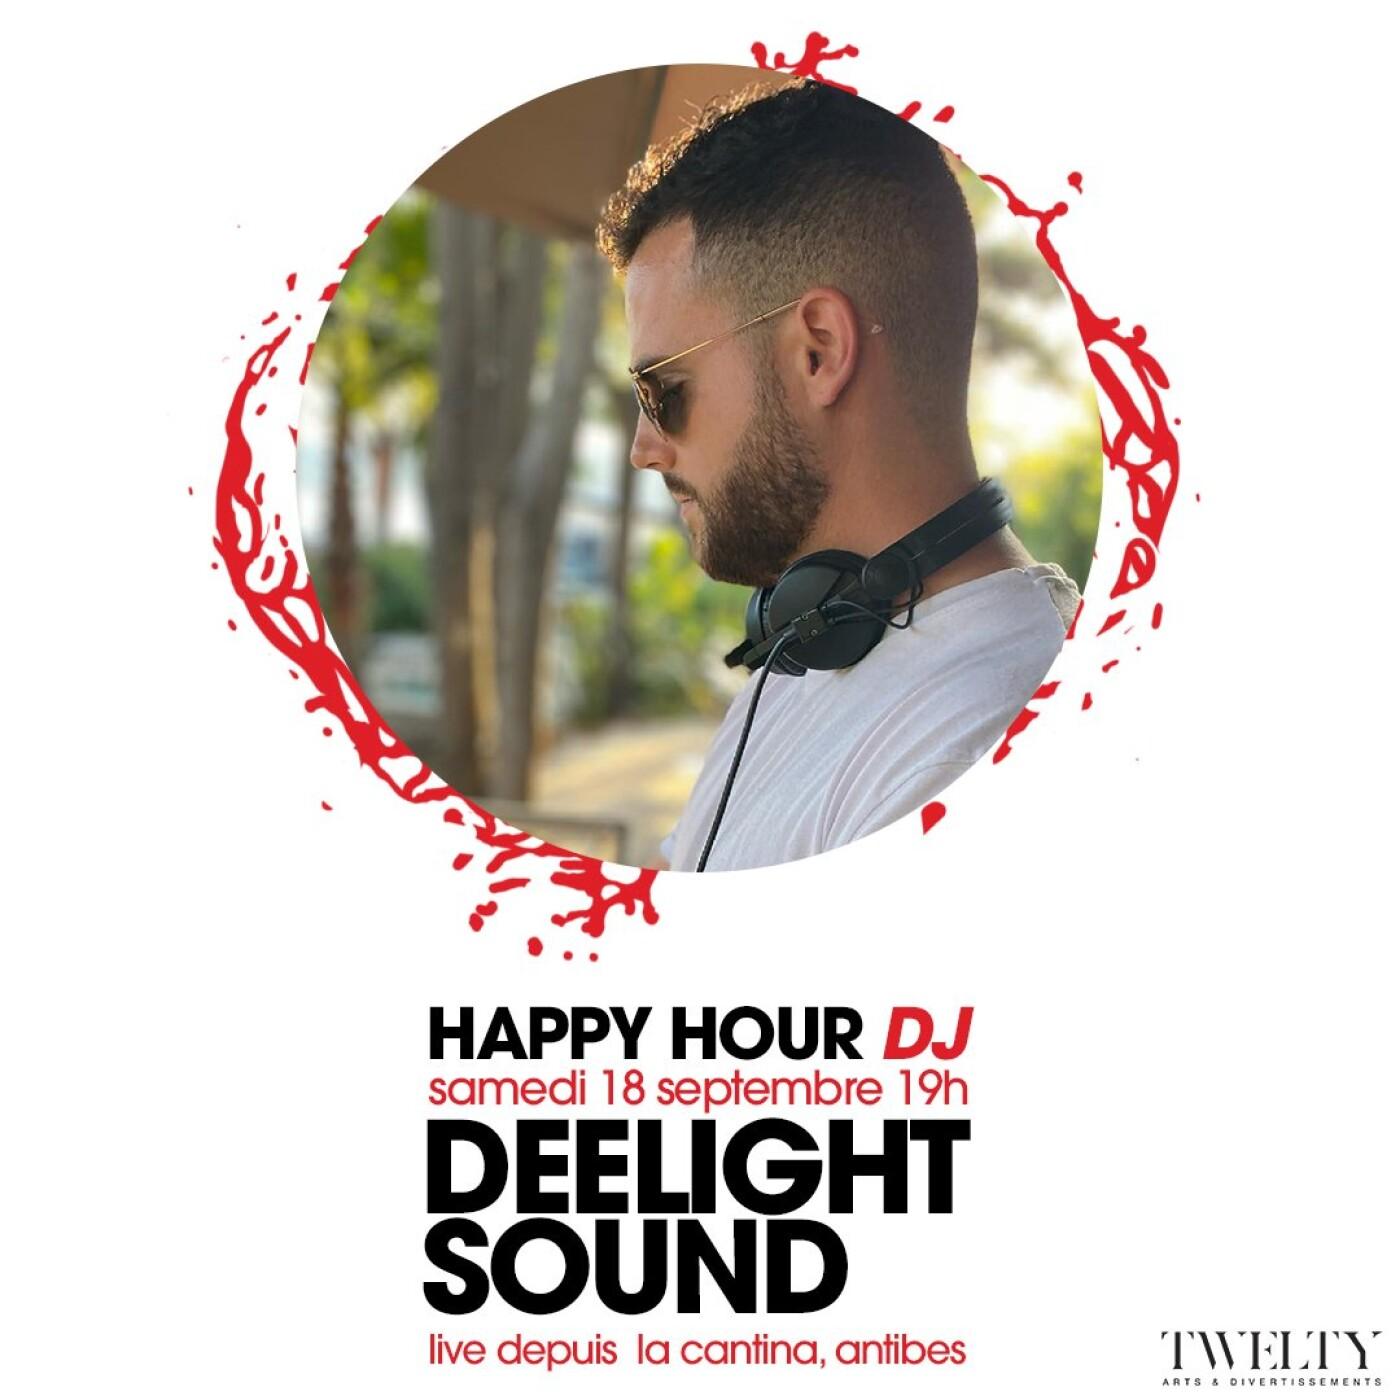 HAPPY HOUR DJ : DEELIGHT SOUND